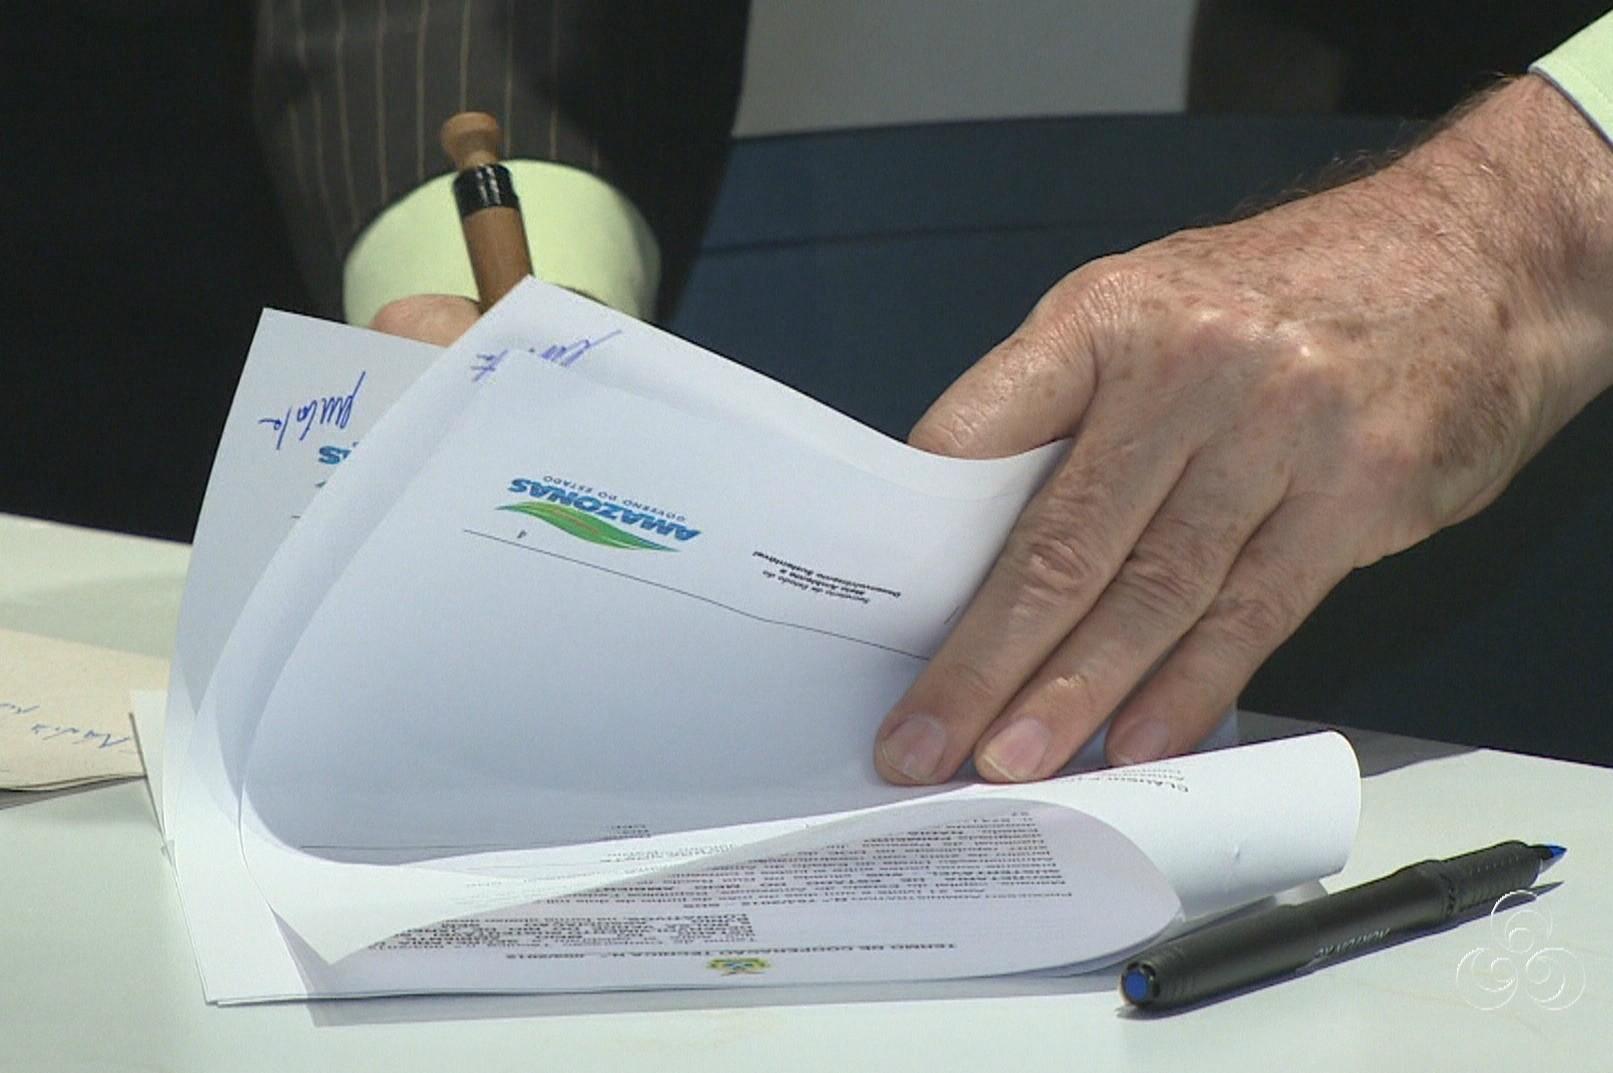 Acordo foi assinado nesta quinta (21), na Rio+20 (Foto: Jornal do Amazonas)